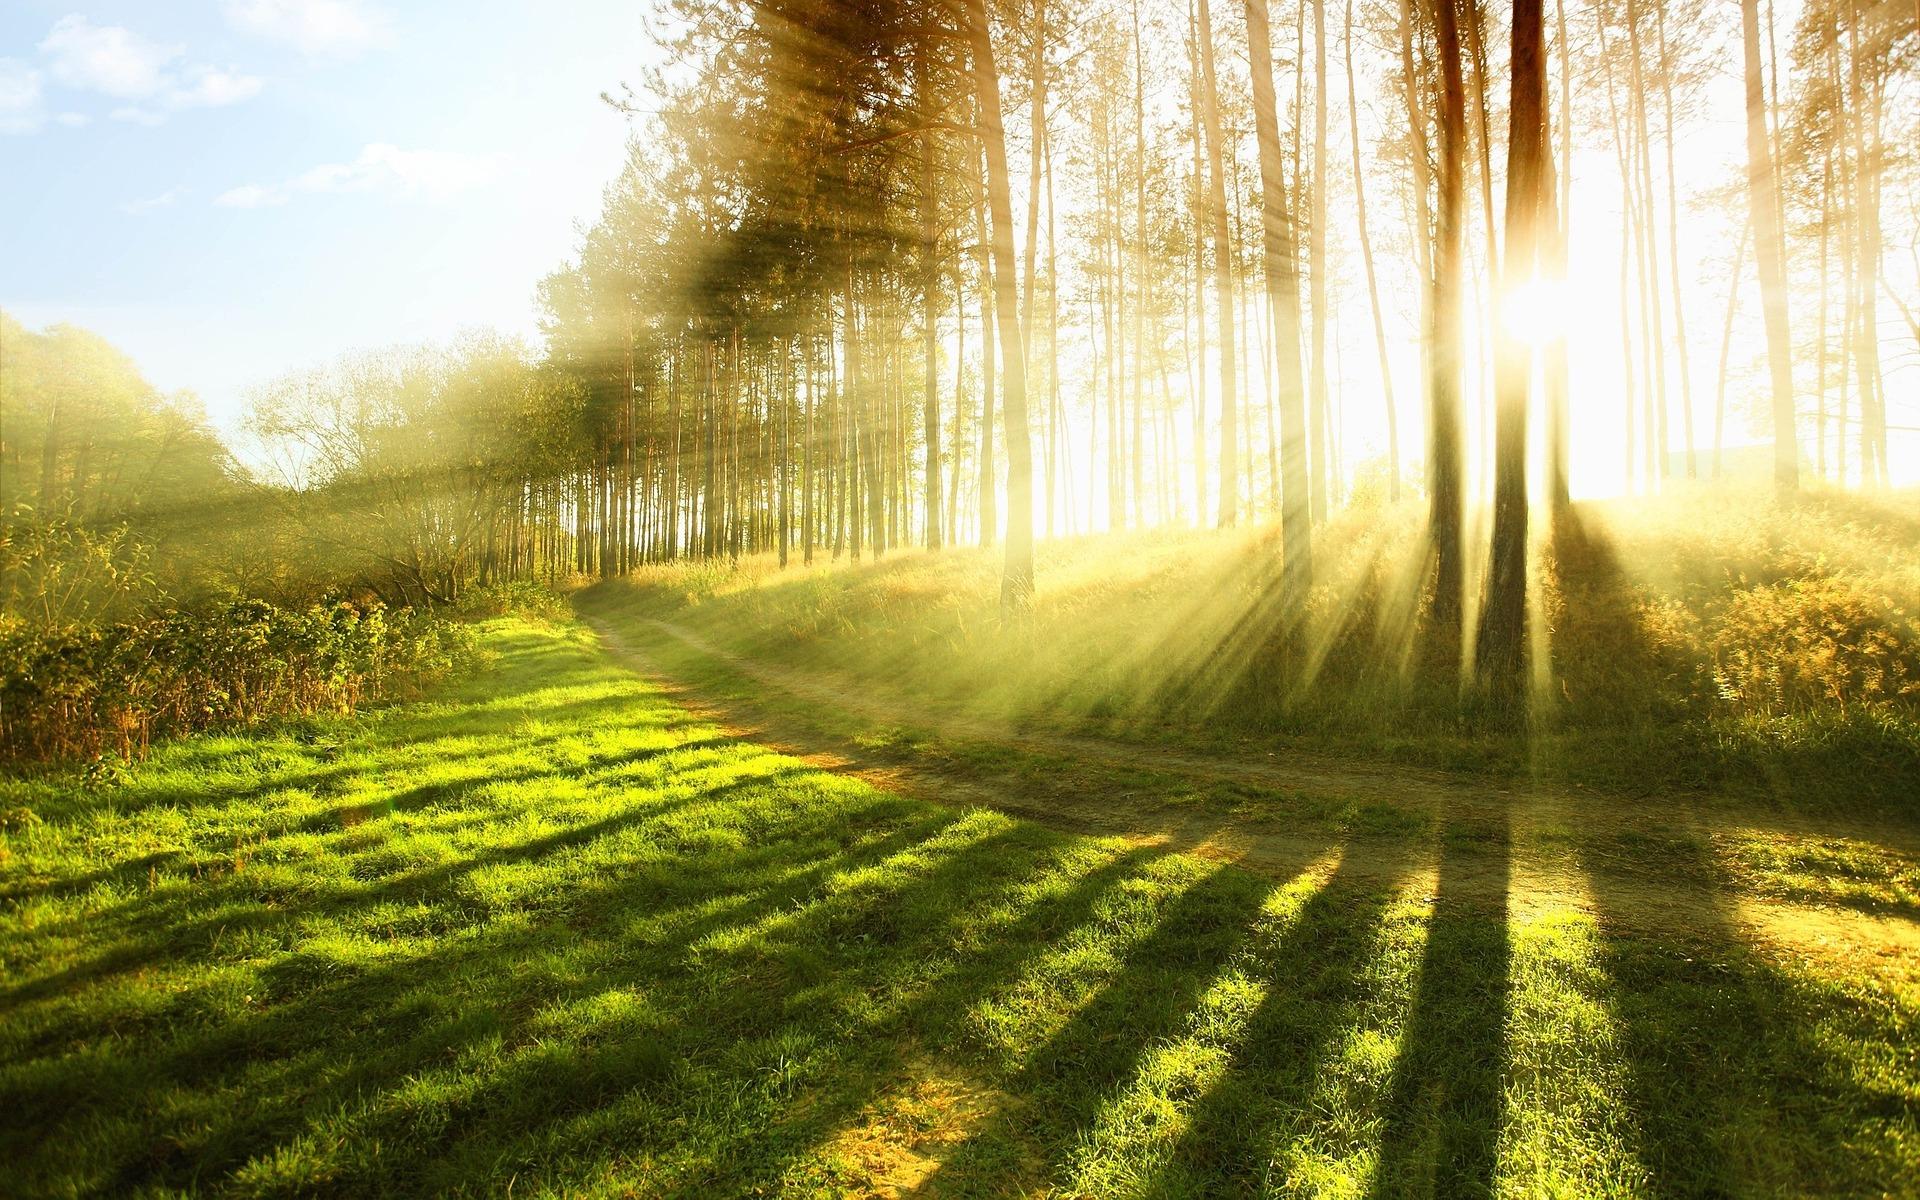 Frühjahrsmüdigkeit - Was kann dagegen helfen?